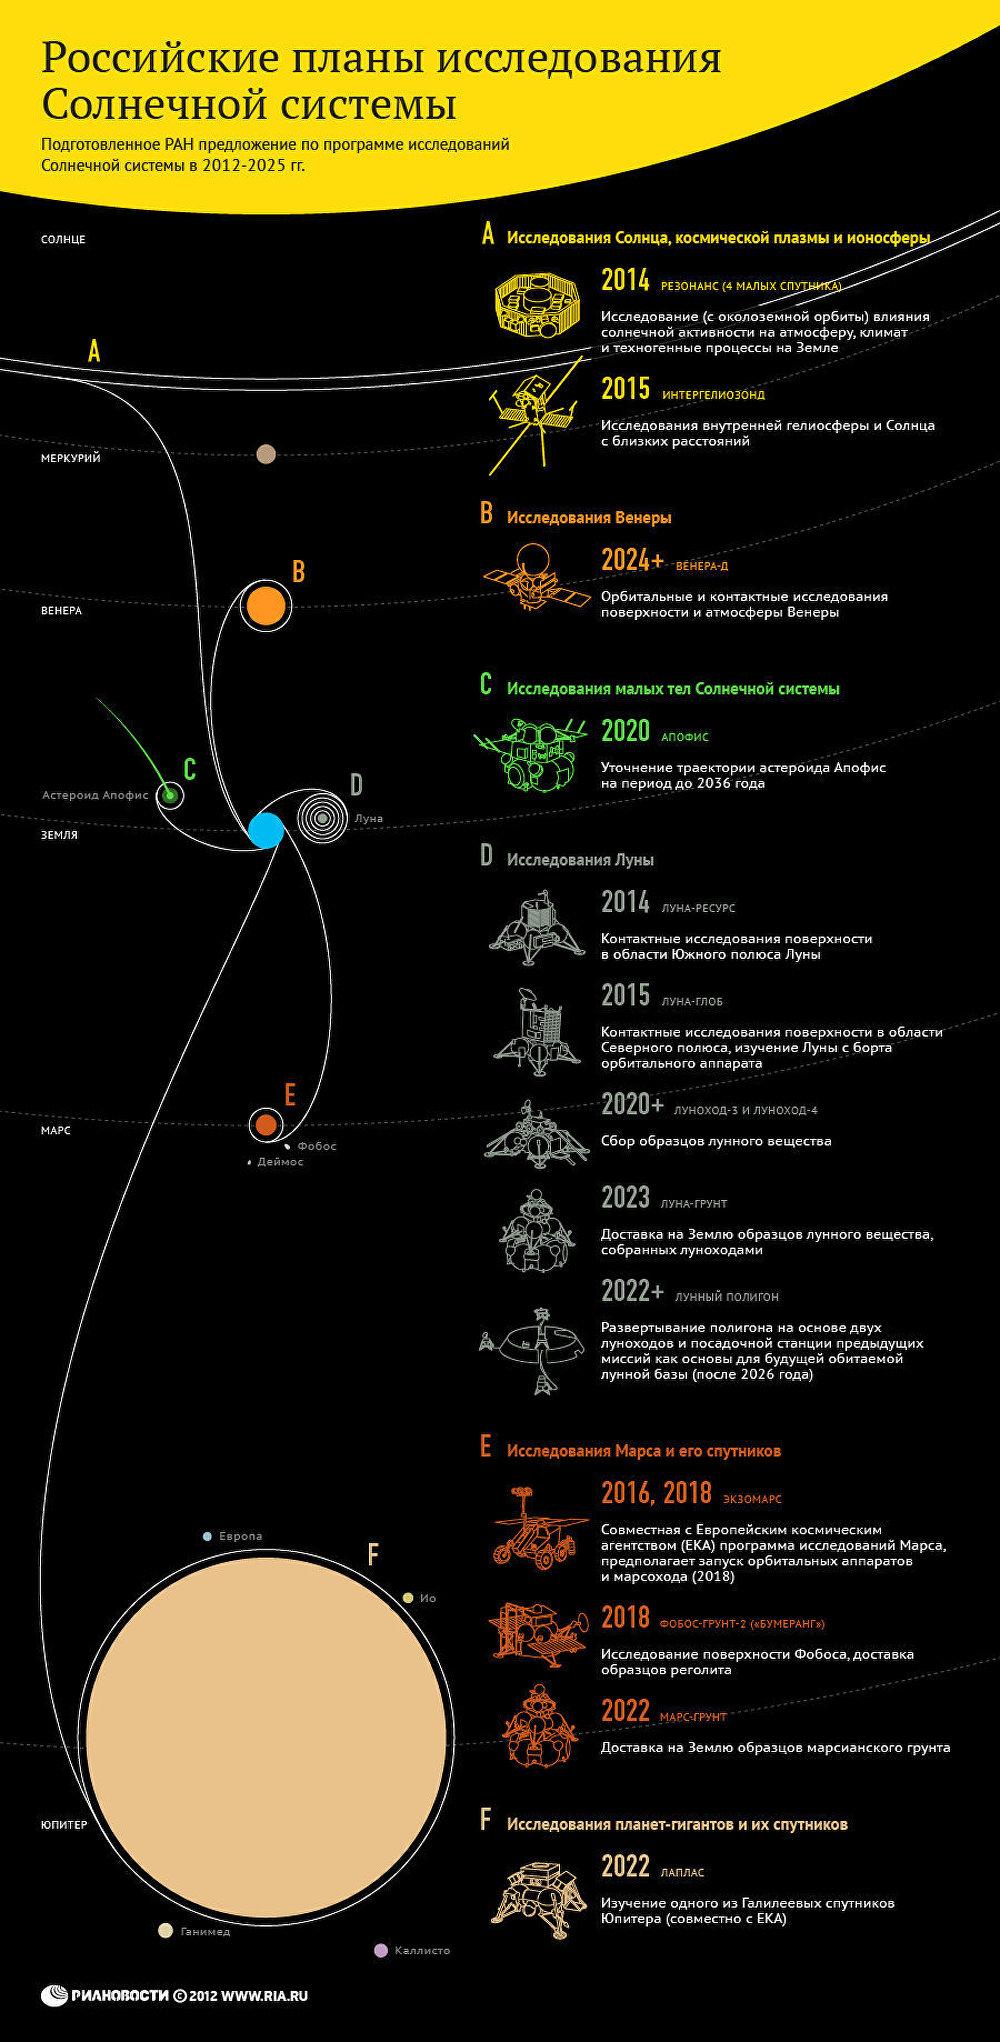 Российские планы исследования Солнечной системы